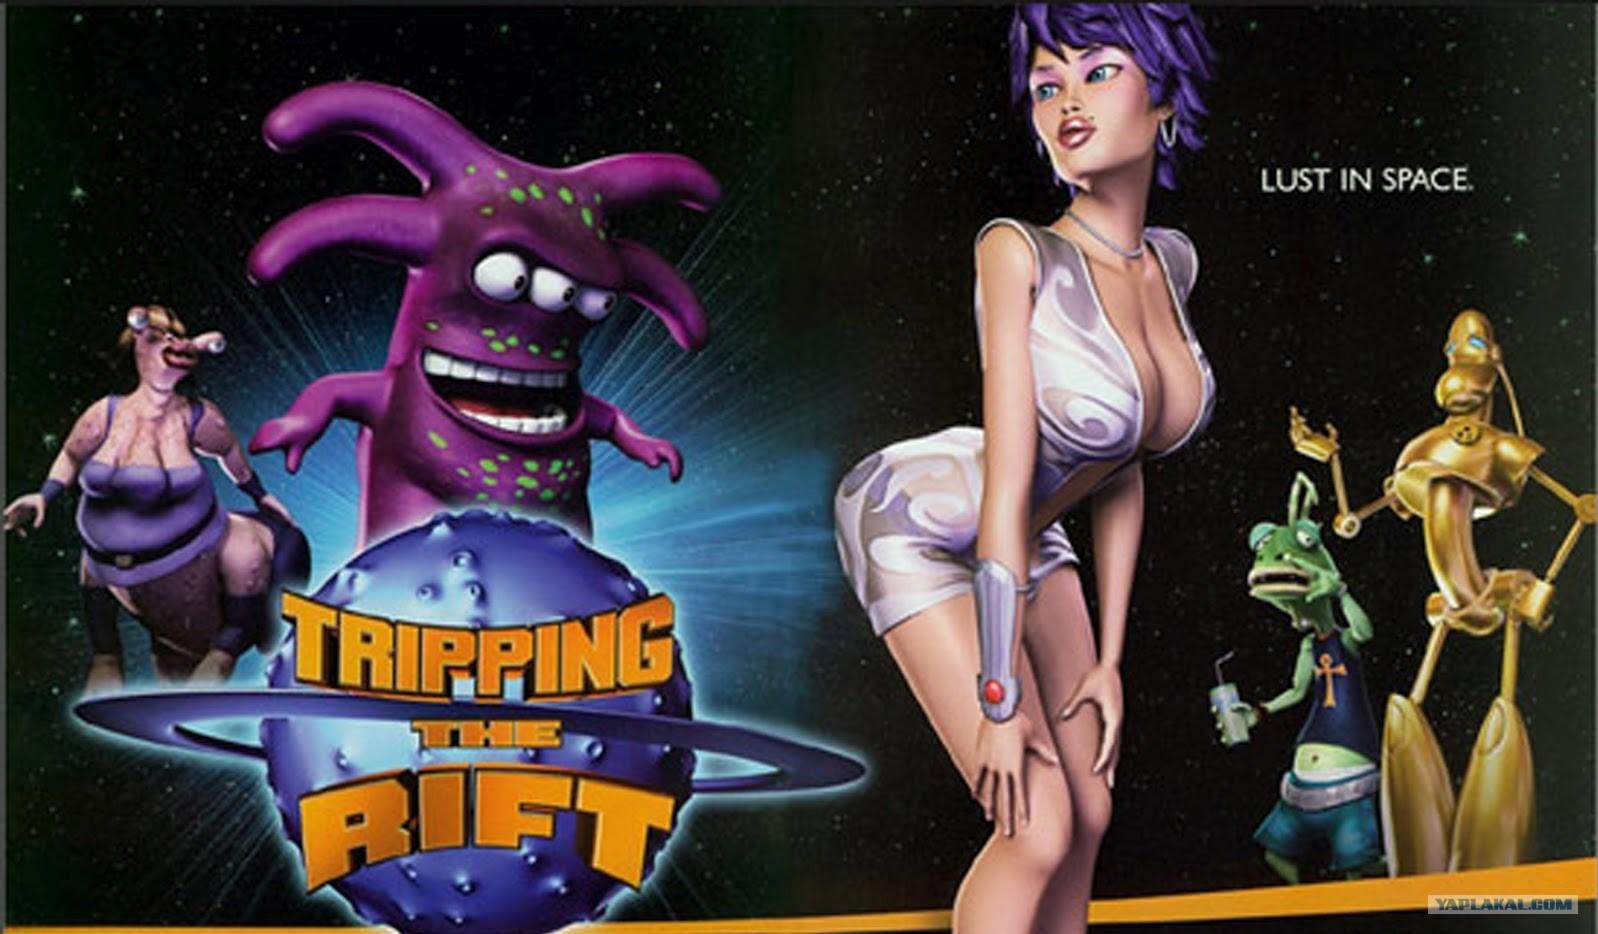 Порно игра улётный трип : Груповуха с, секси в космосе» онлайн